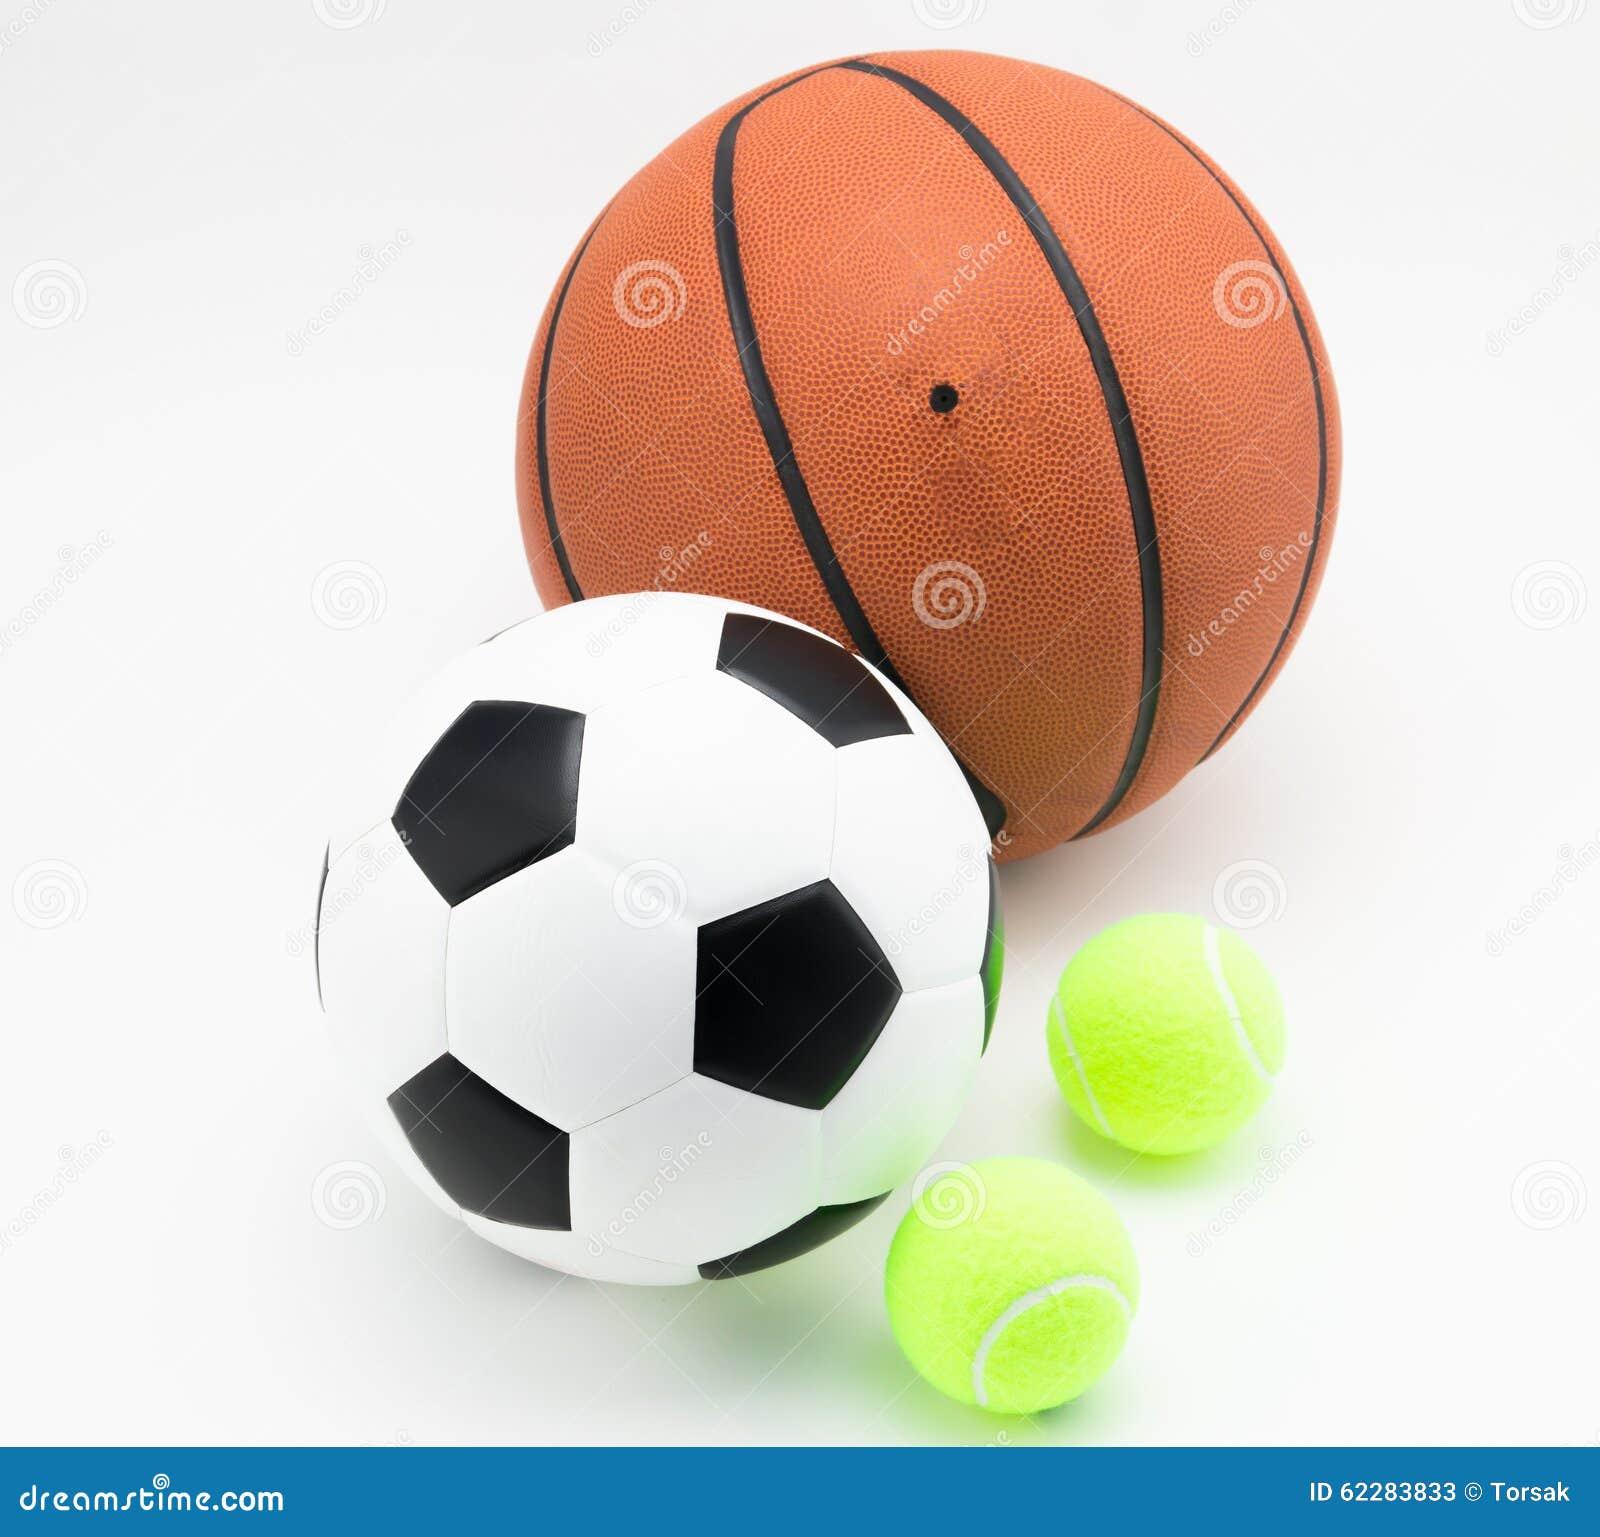 Basketball And Soccer Ball Tennis Ball Stock Photo - Image ...